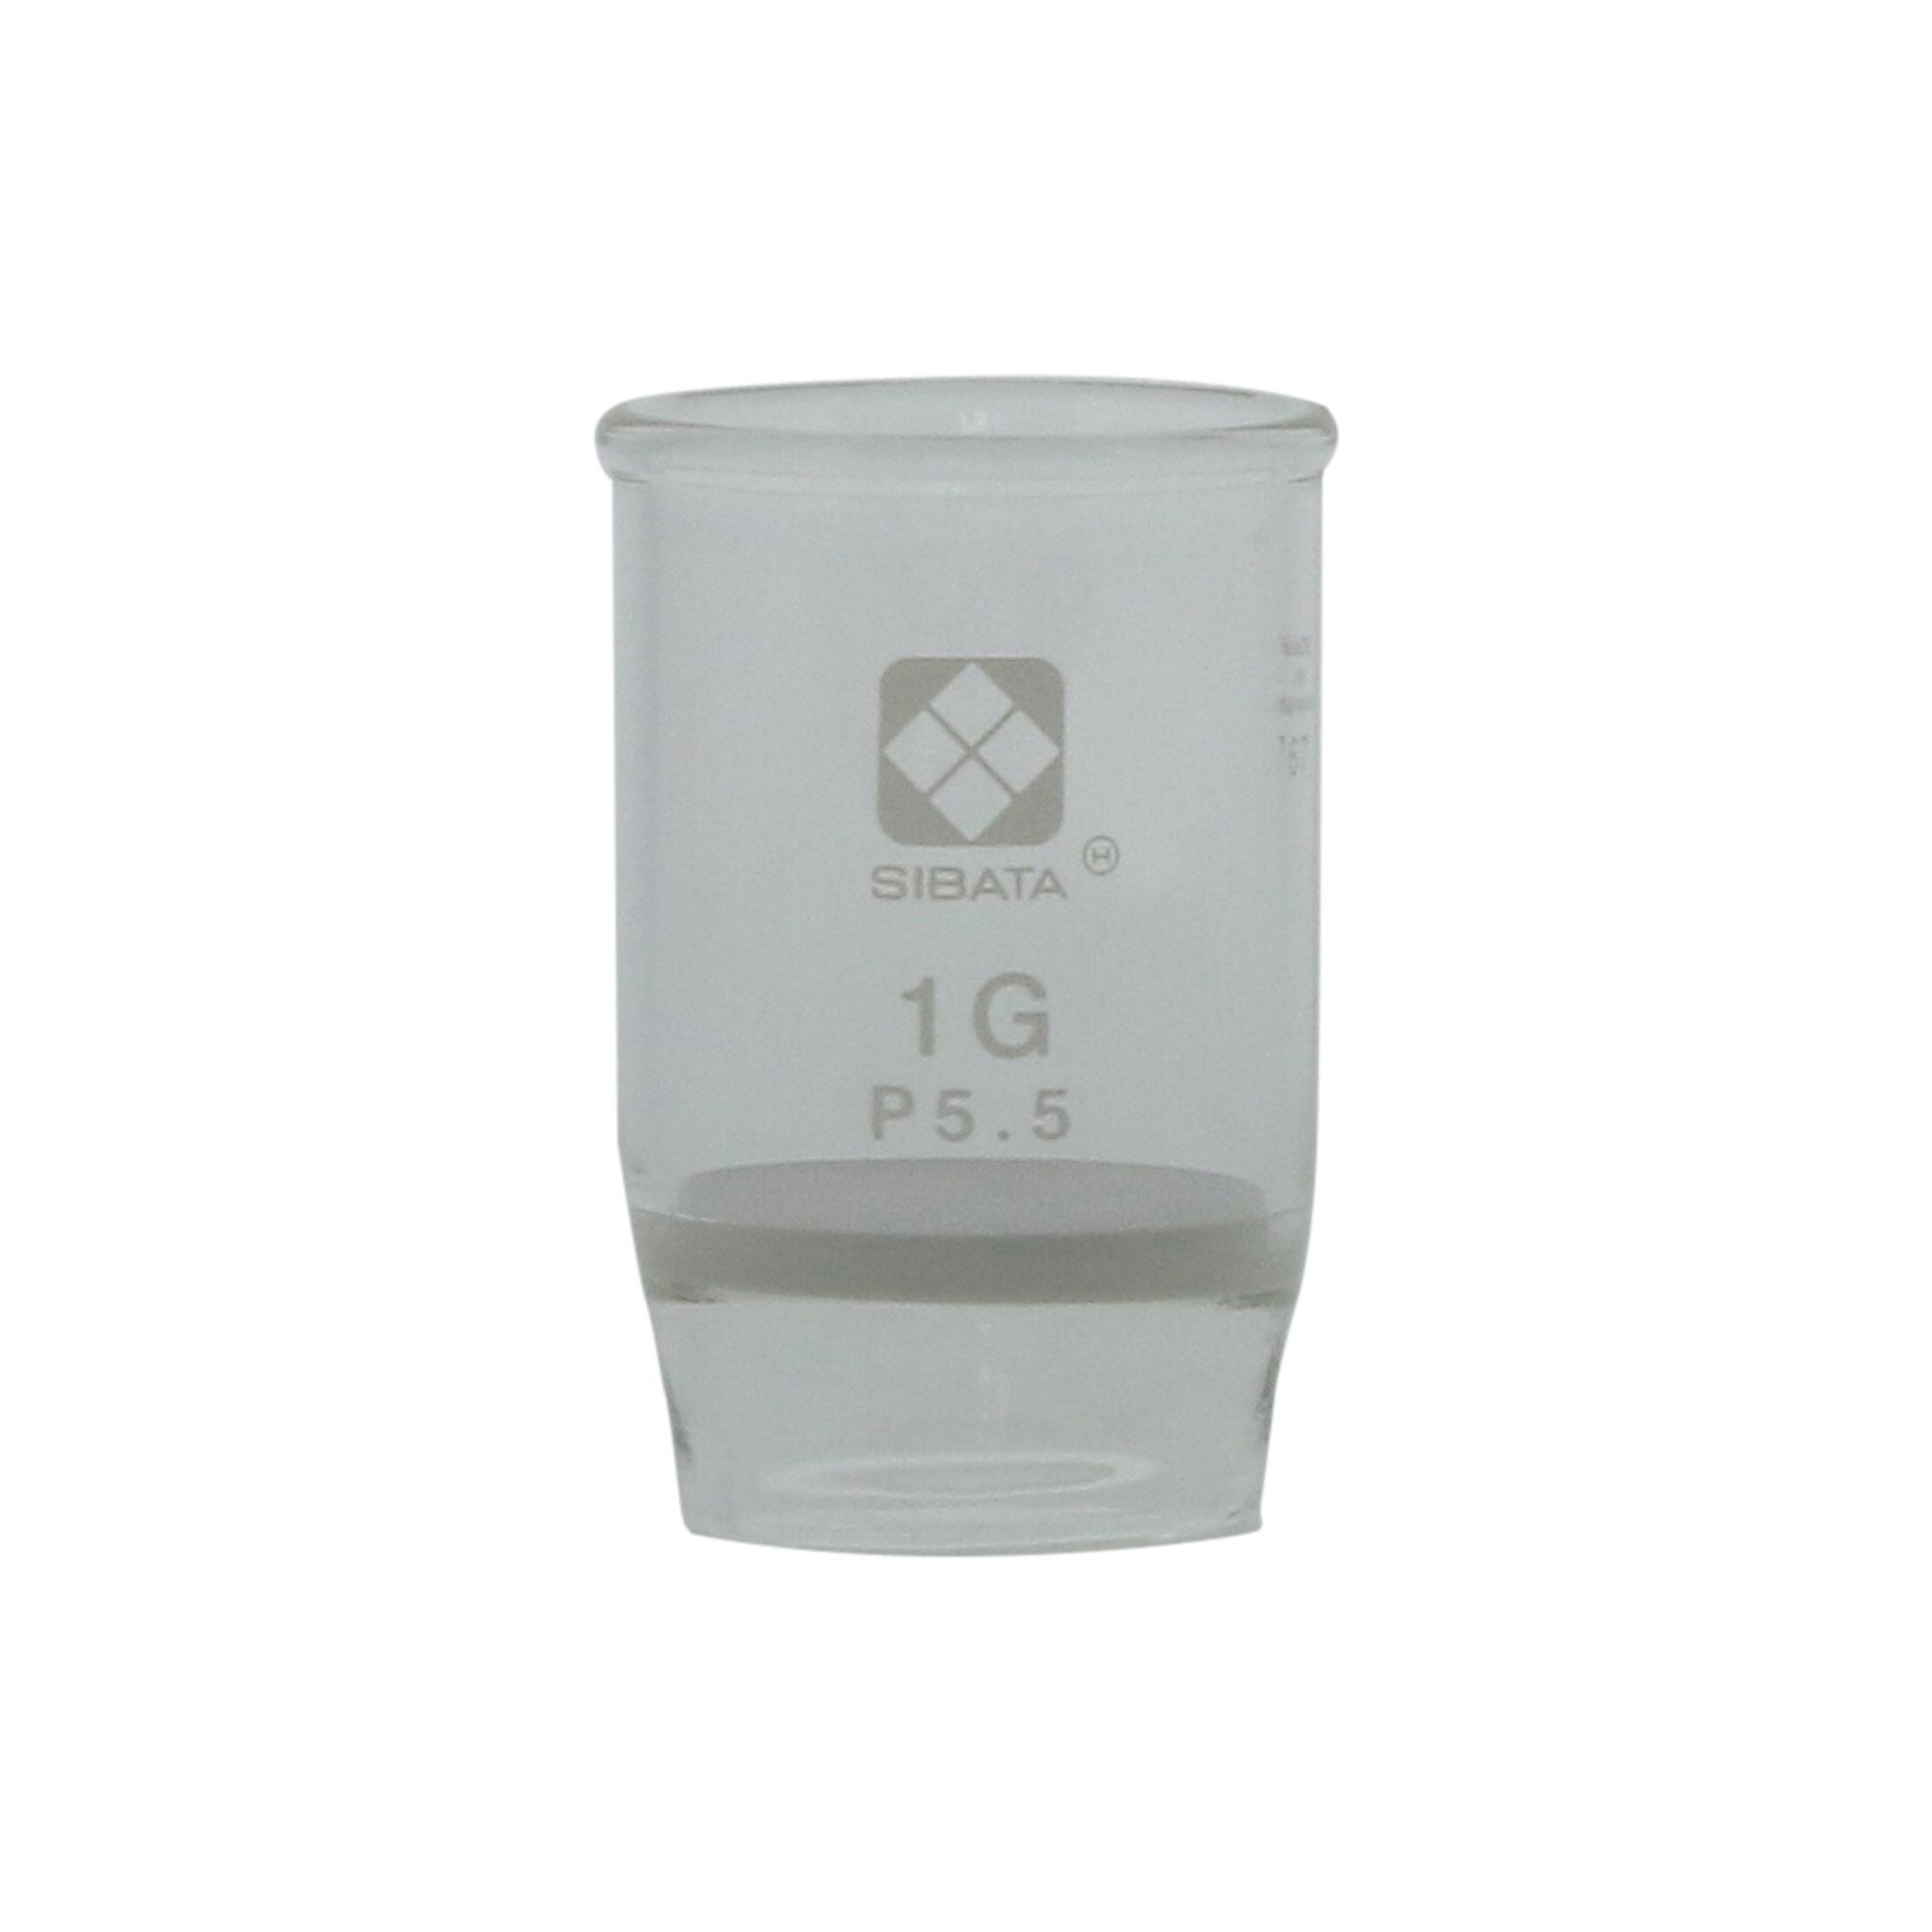 ガラスろ過器 1G るつぼ形 1GP5.5(3個)